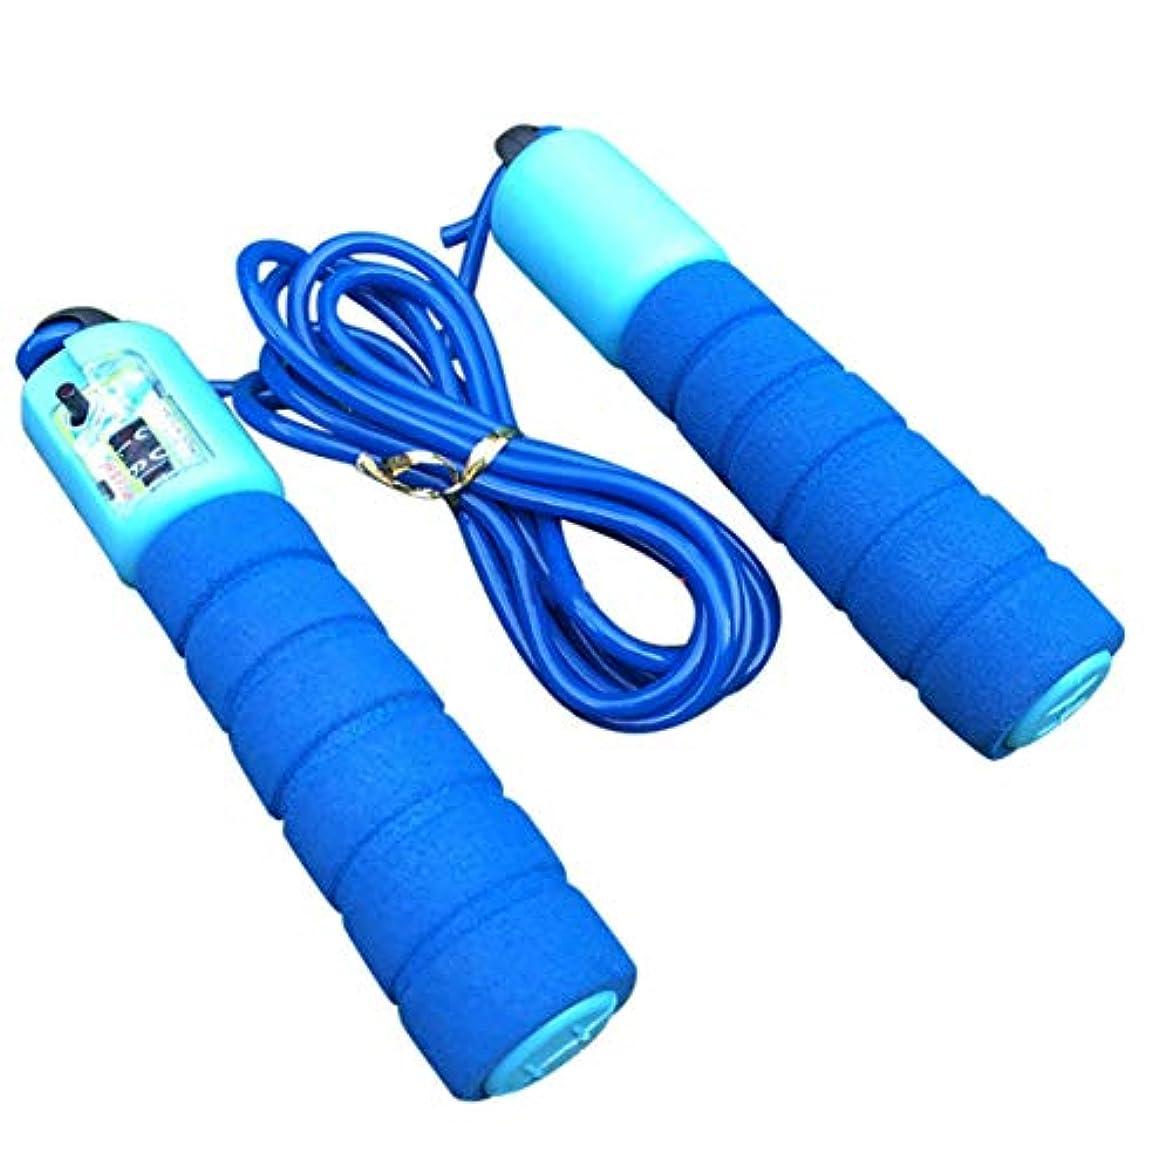 微妙スモッグ熱調整可能なプロフェッショナルカウント縄跳び自動カウントジャンプロープフィットネス運動高速カウントジャンプロープ - 青